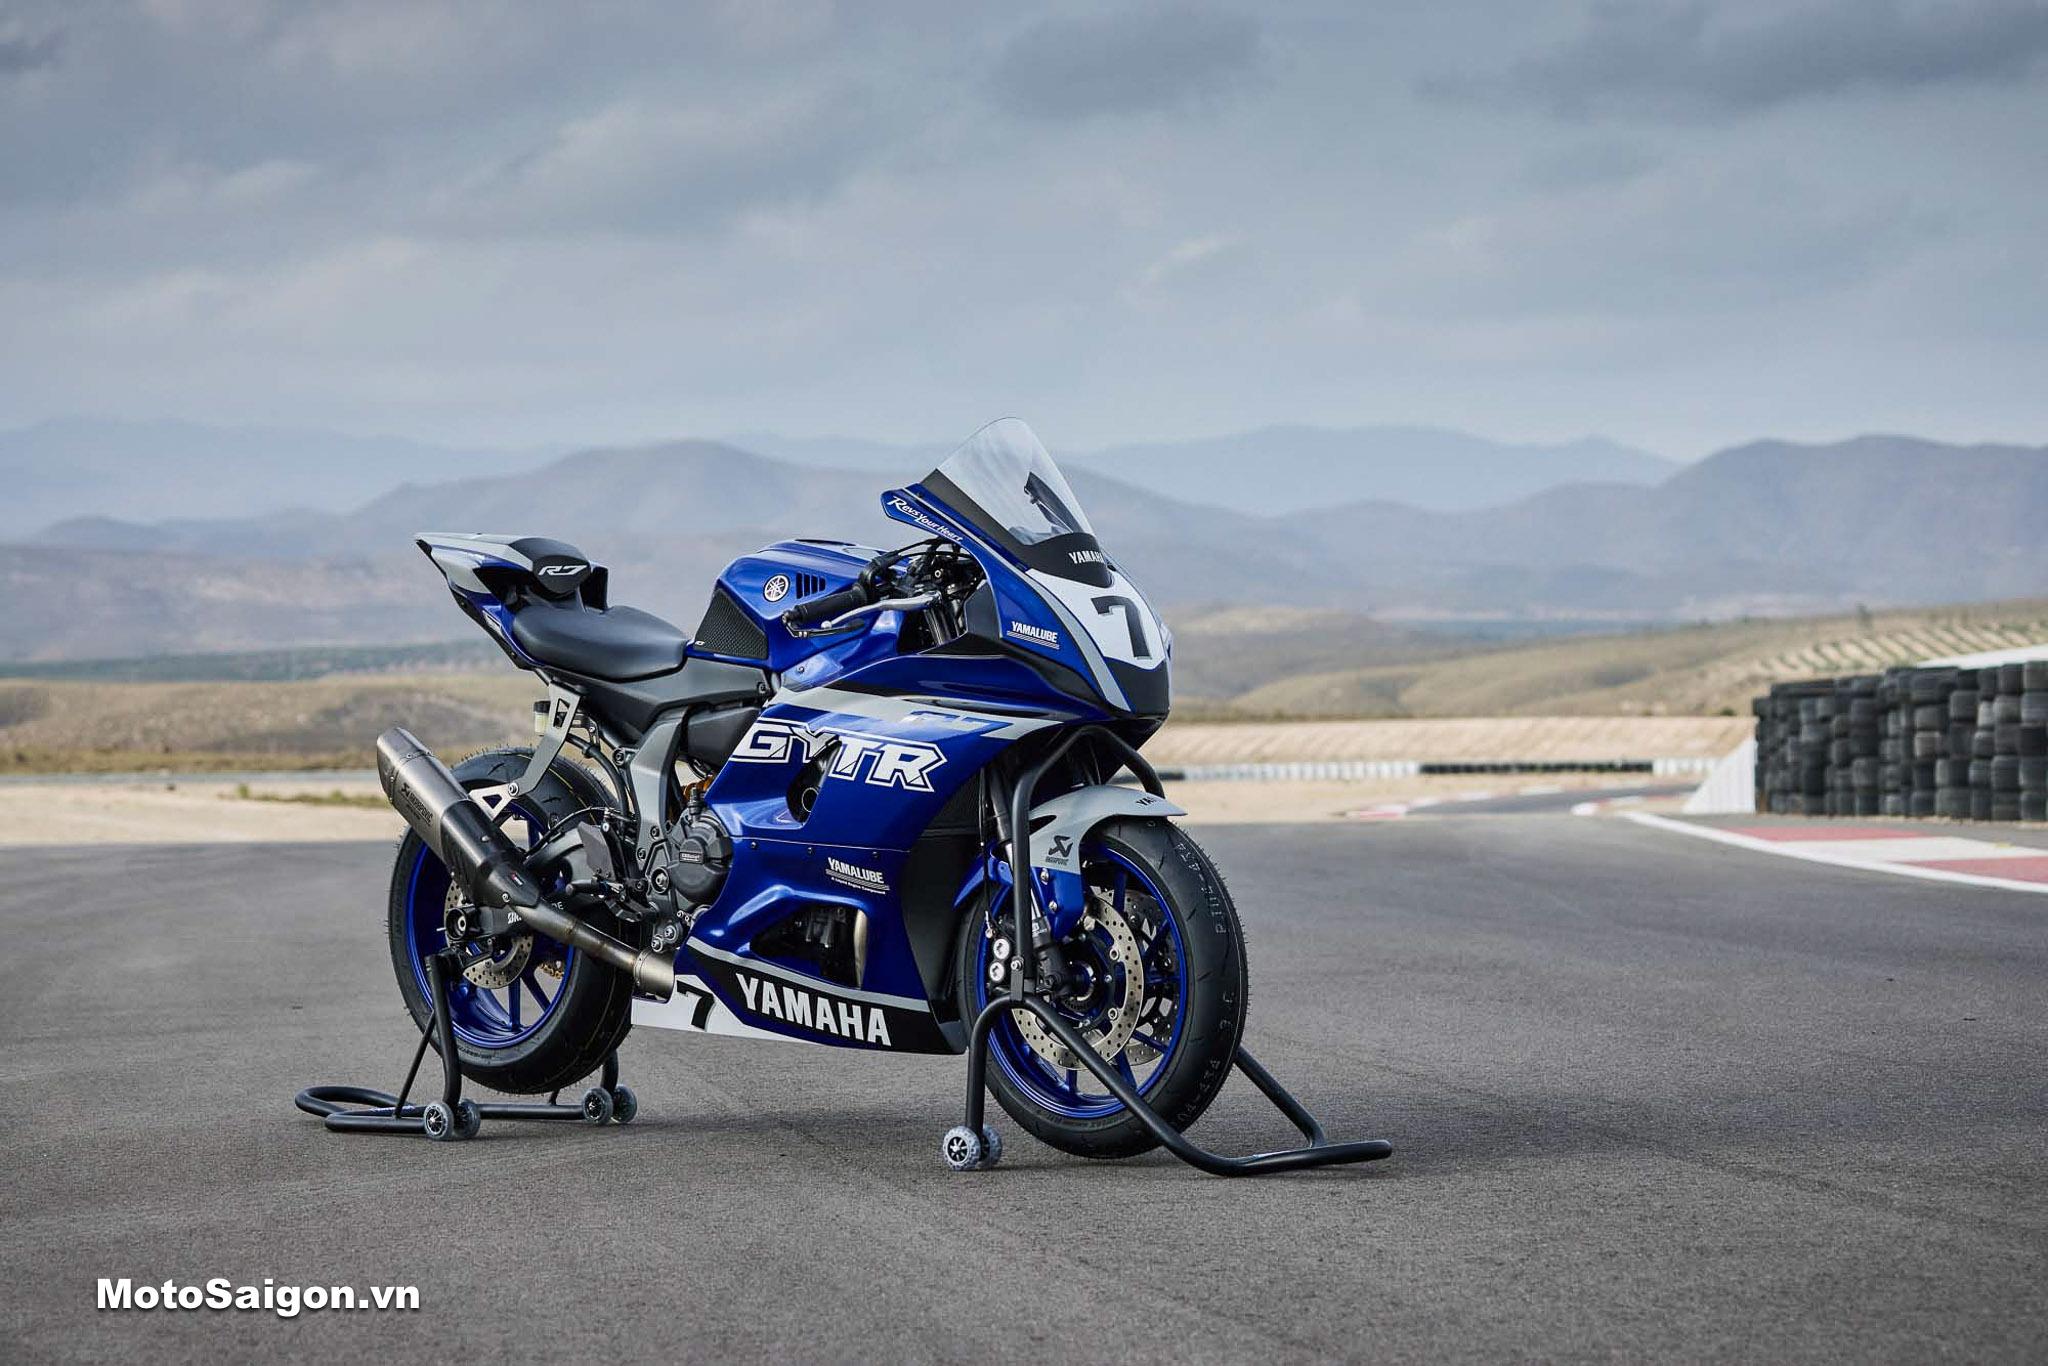 Yamaha R7 GYTR 2022 độ phụ kiện đồ chơi chính hãng cực ngầu